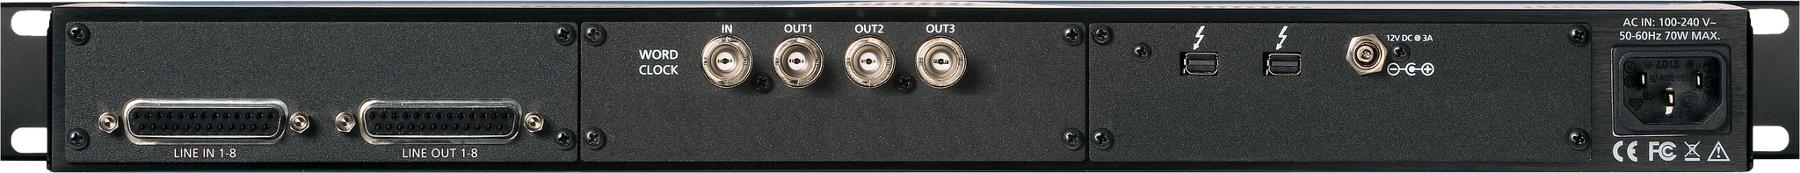 8-channel 24-bit / 192 kHz A/D D/A Converter System [Dante]